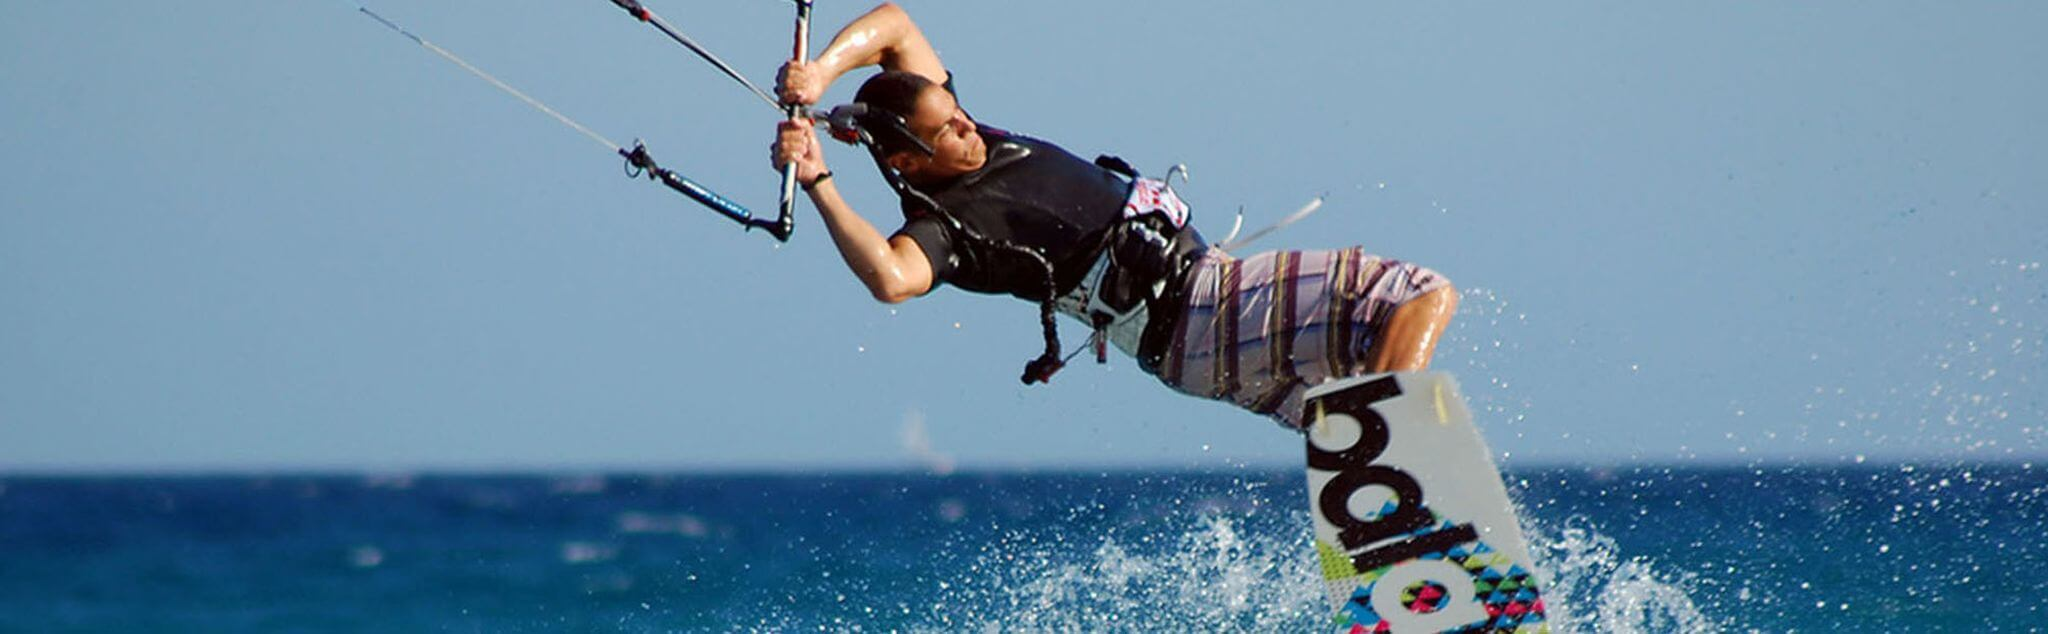 Kitesurf dans Bouches-du-Rhône